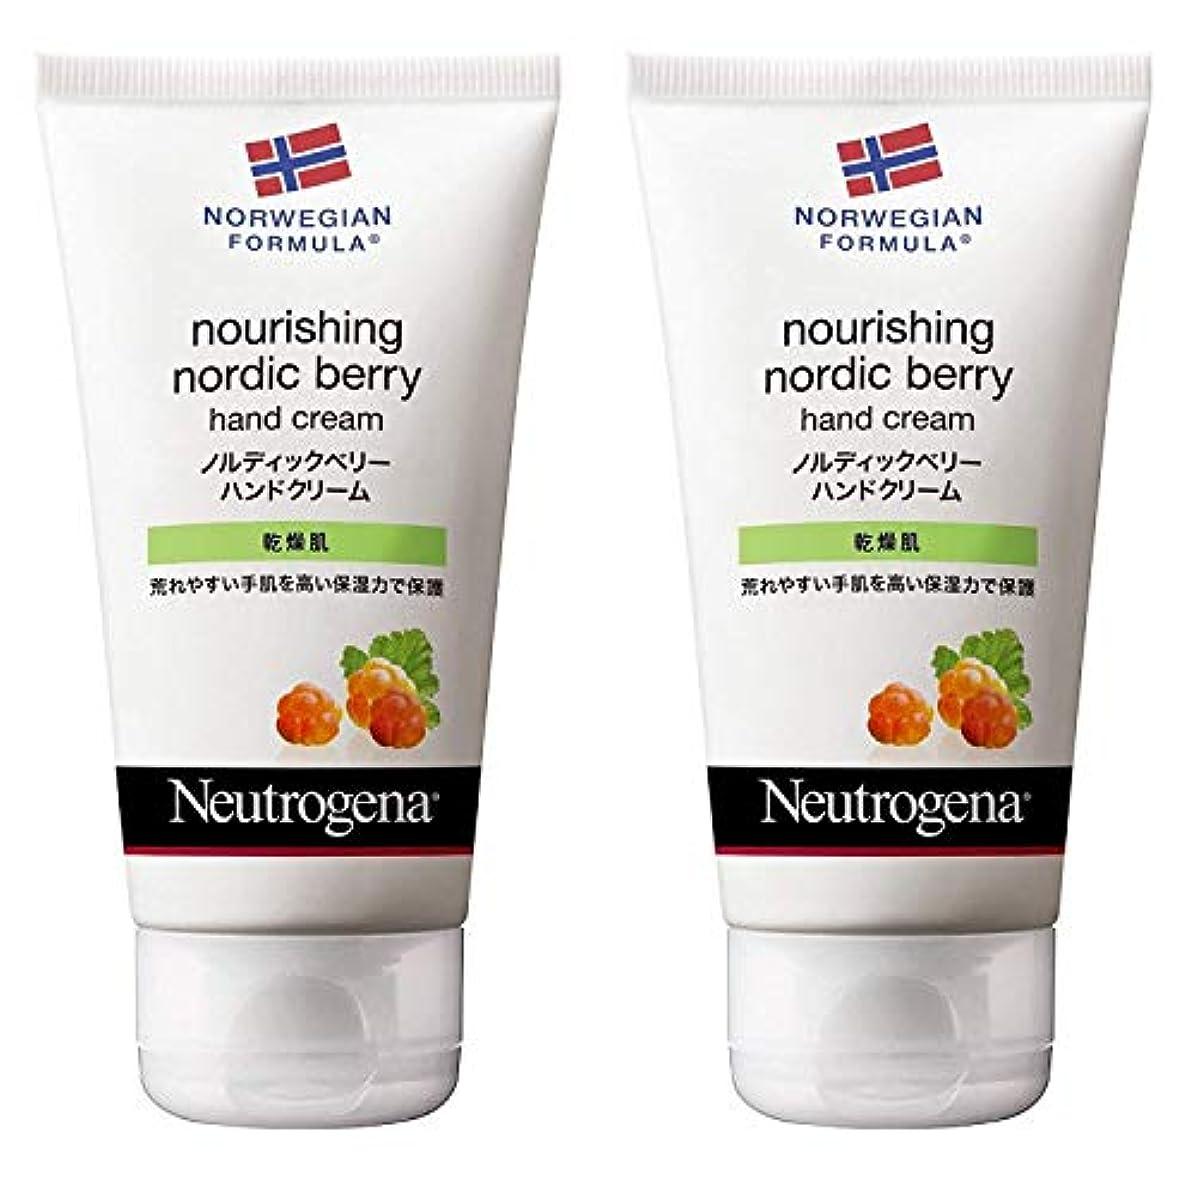 クアッガゴシップ資格[2個セット]Neutrogena(ニュートロジーナ)ノルウェーフォーミュラ ノルディックベリー ハンドクリーム 75g